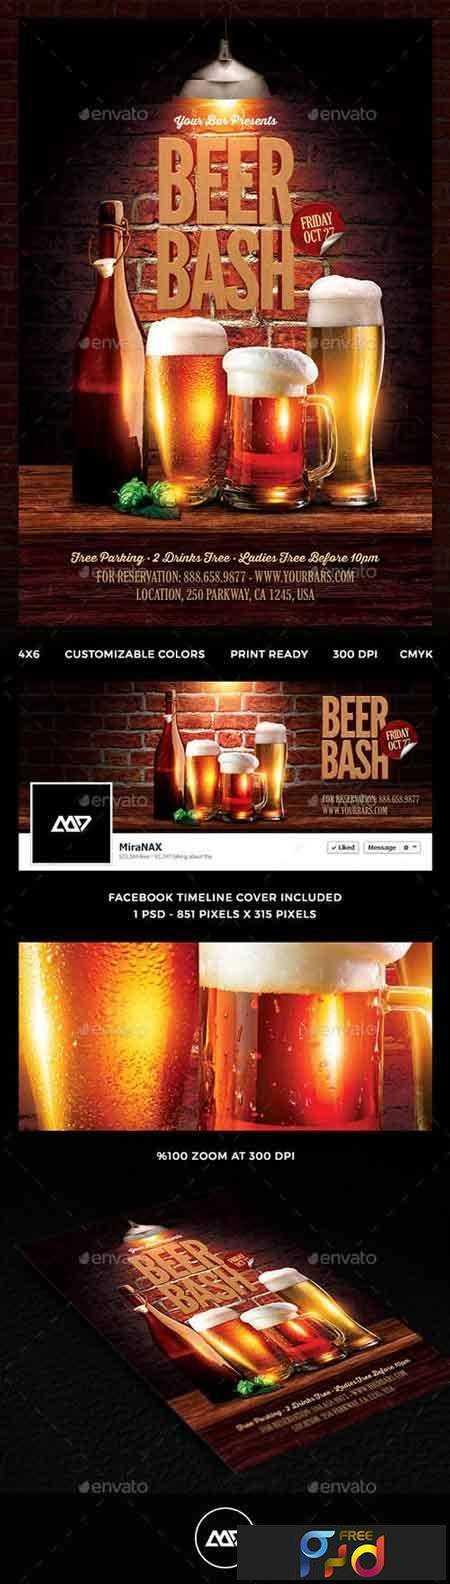 1706269 Beer Bash Flyer 12328945 1